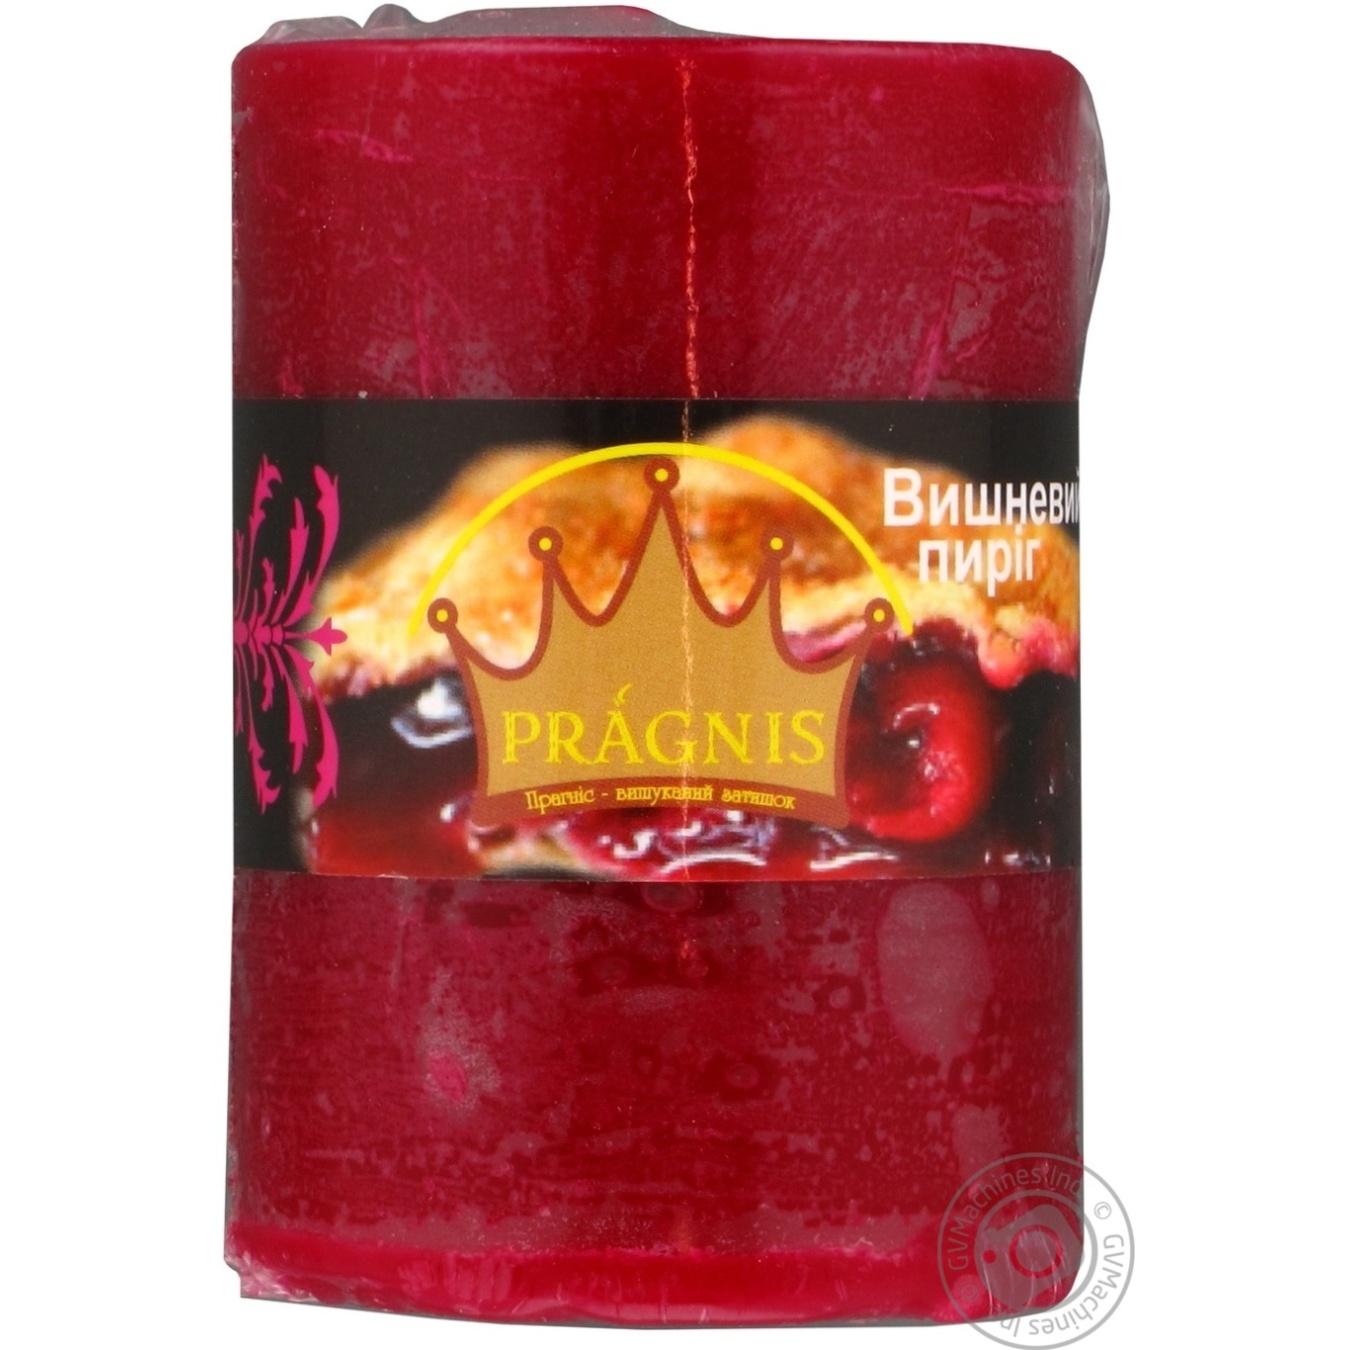 Свеча Pragnis цилиндр вишневый пирог 55х8см